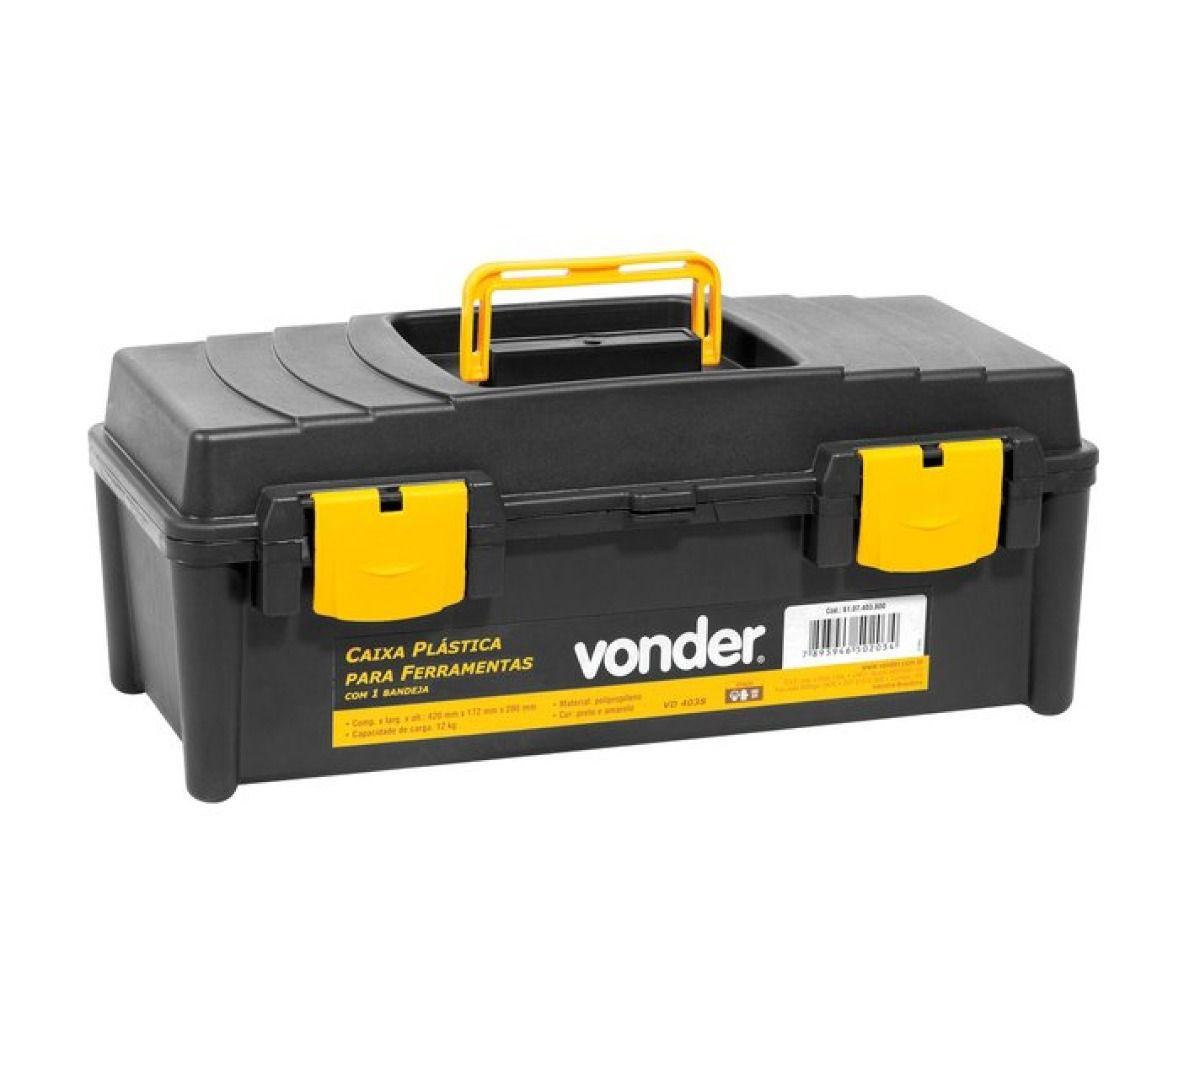 Caixa Plástica Vd 4038, Com 1 Bandeja, Vonder